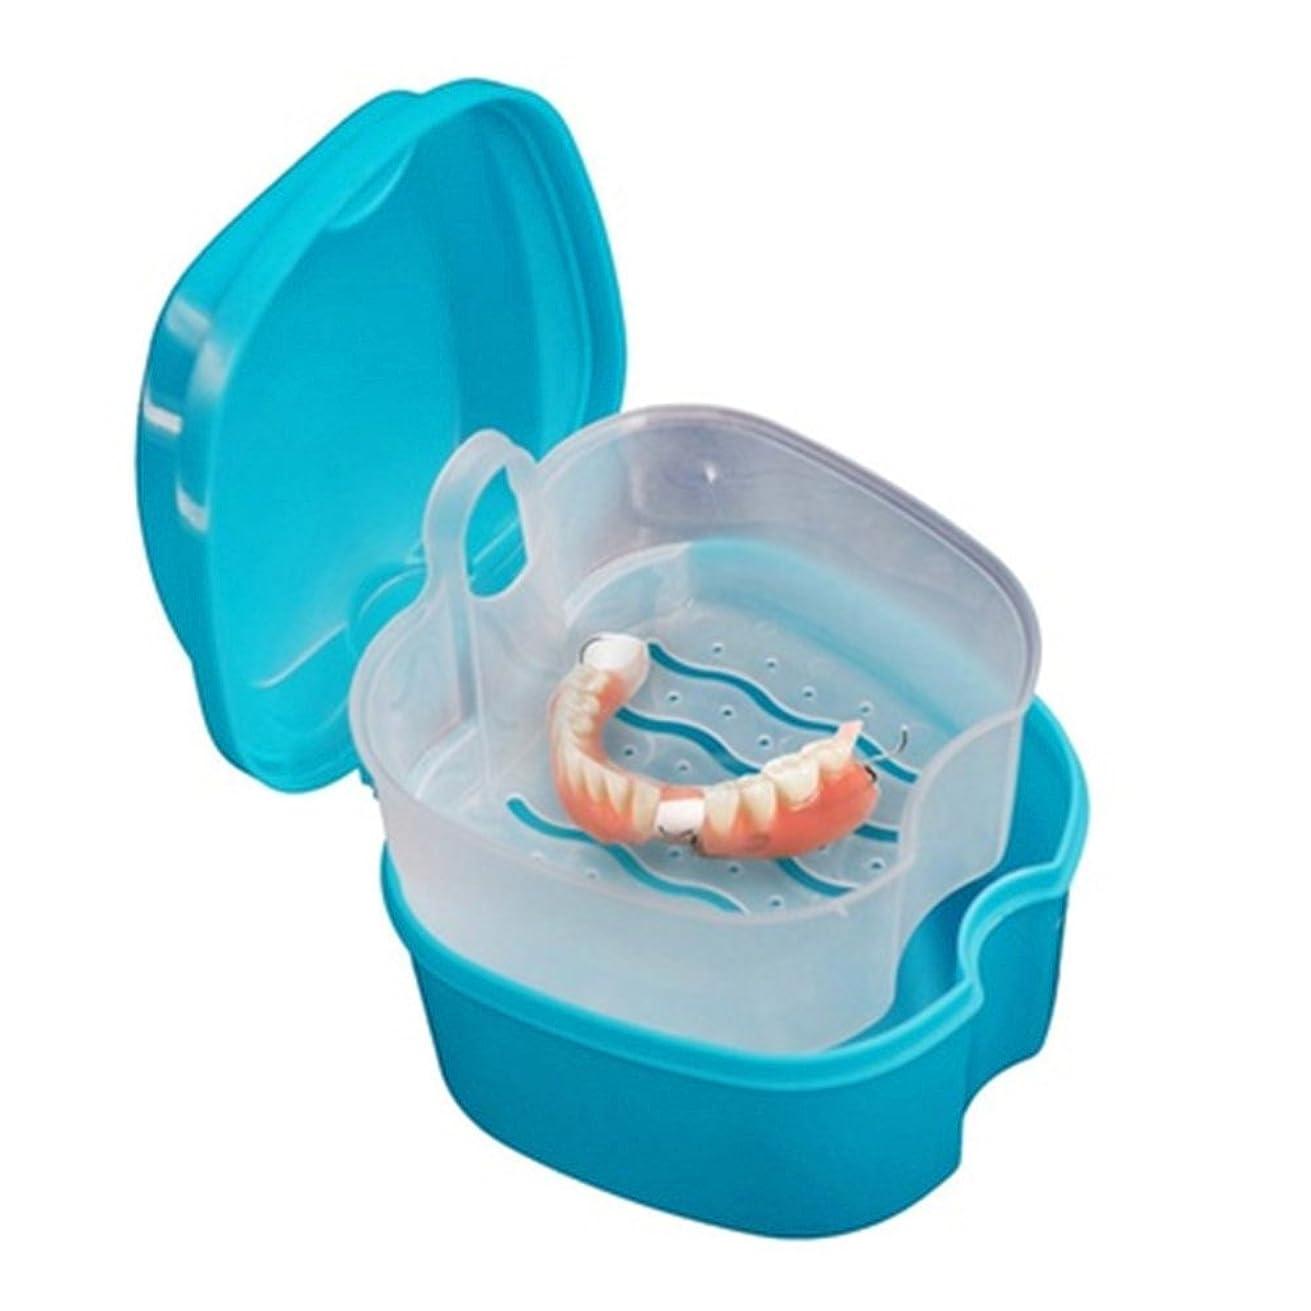 コンテンポラリーどういたしまして更新するCozyrom ネット付き 抗菌加工 乳歯 入れ歯収納ケース 容器 ボック 使いやすい